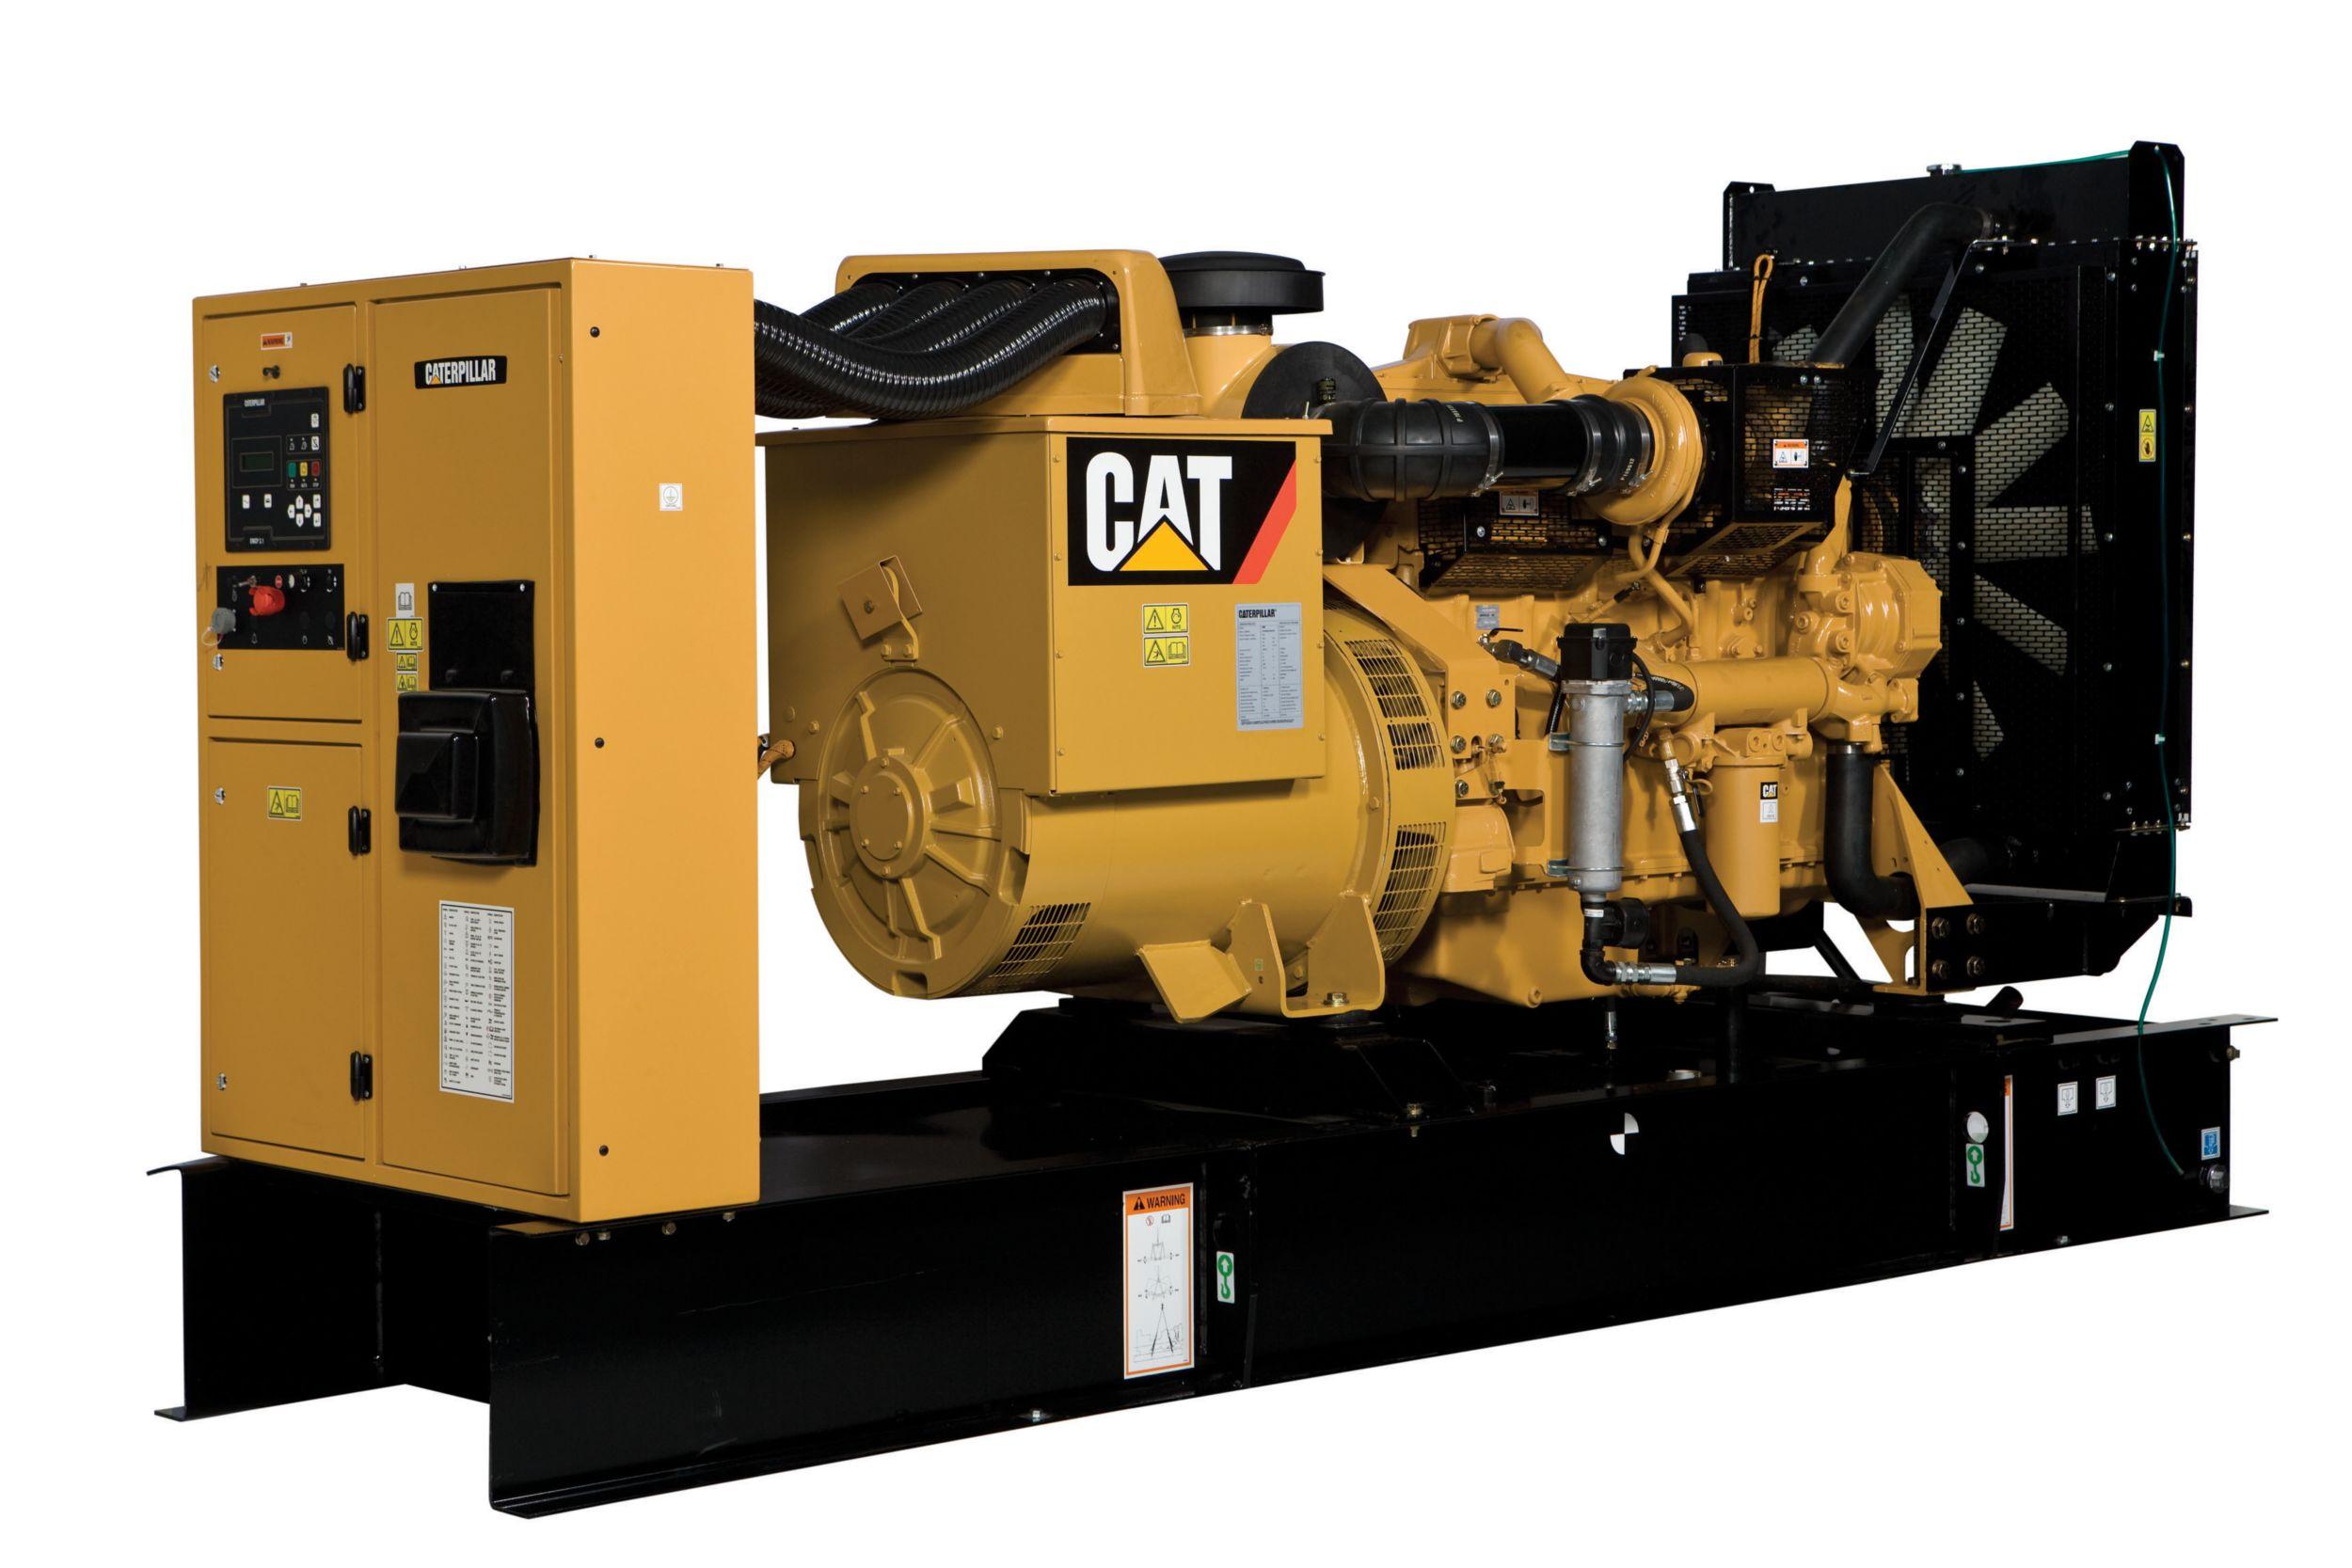 c18 cat engine generator wiring diagram 3306 cat engine timing marks diagram #8